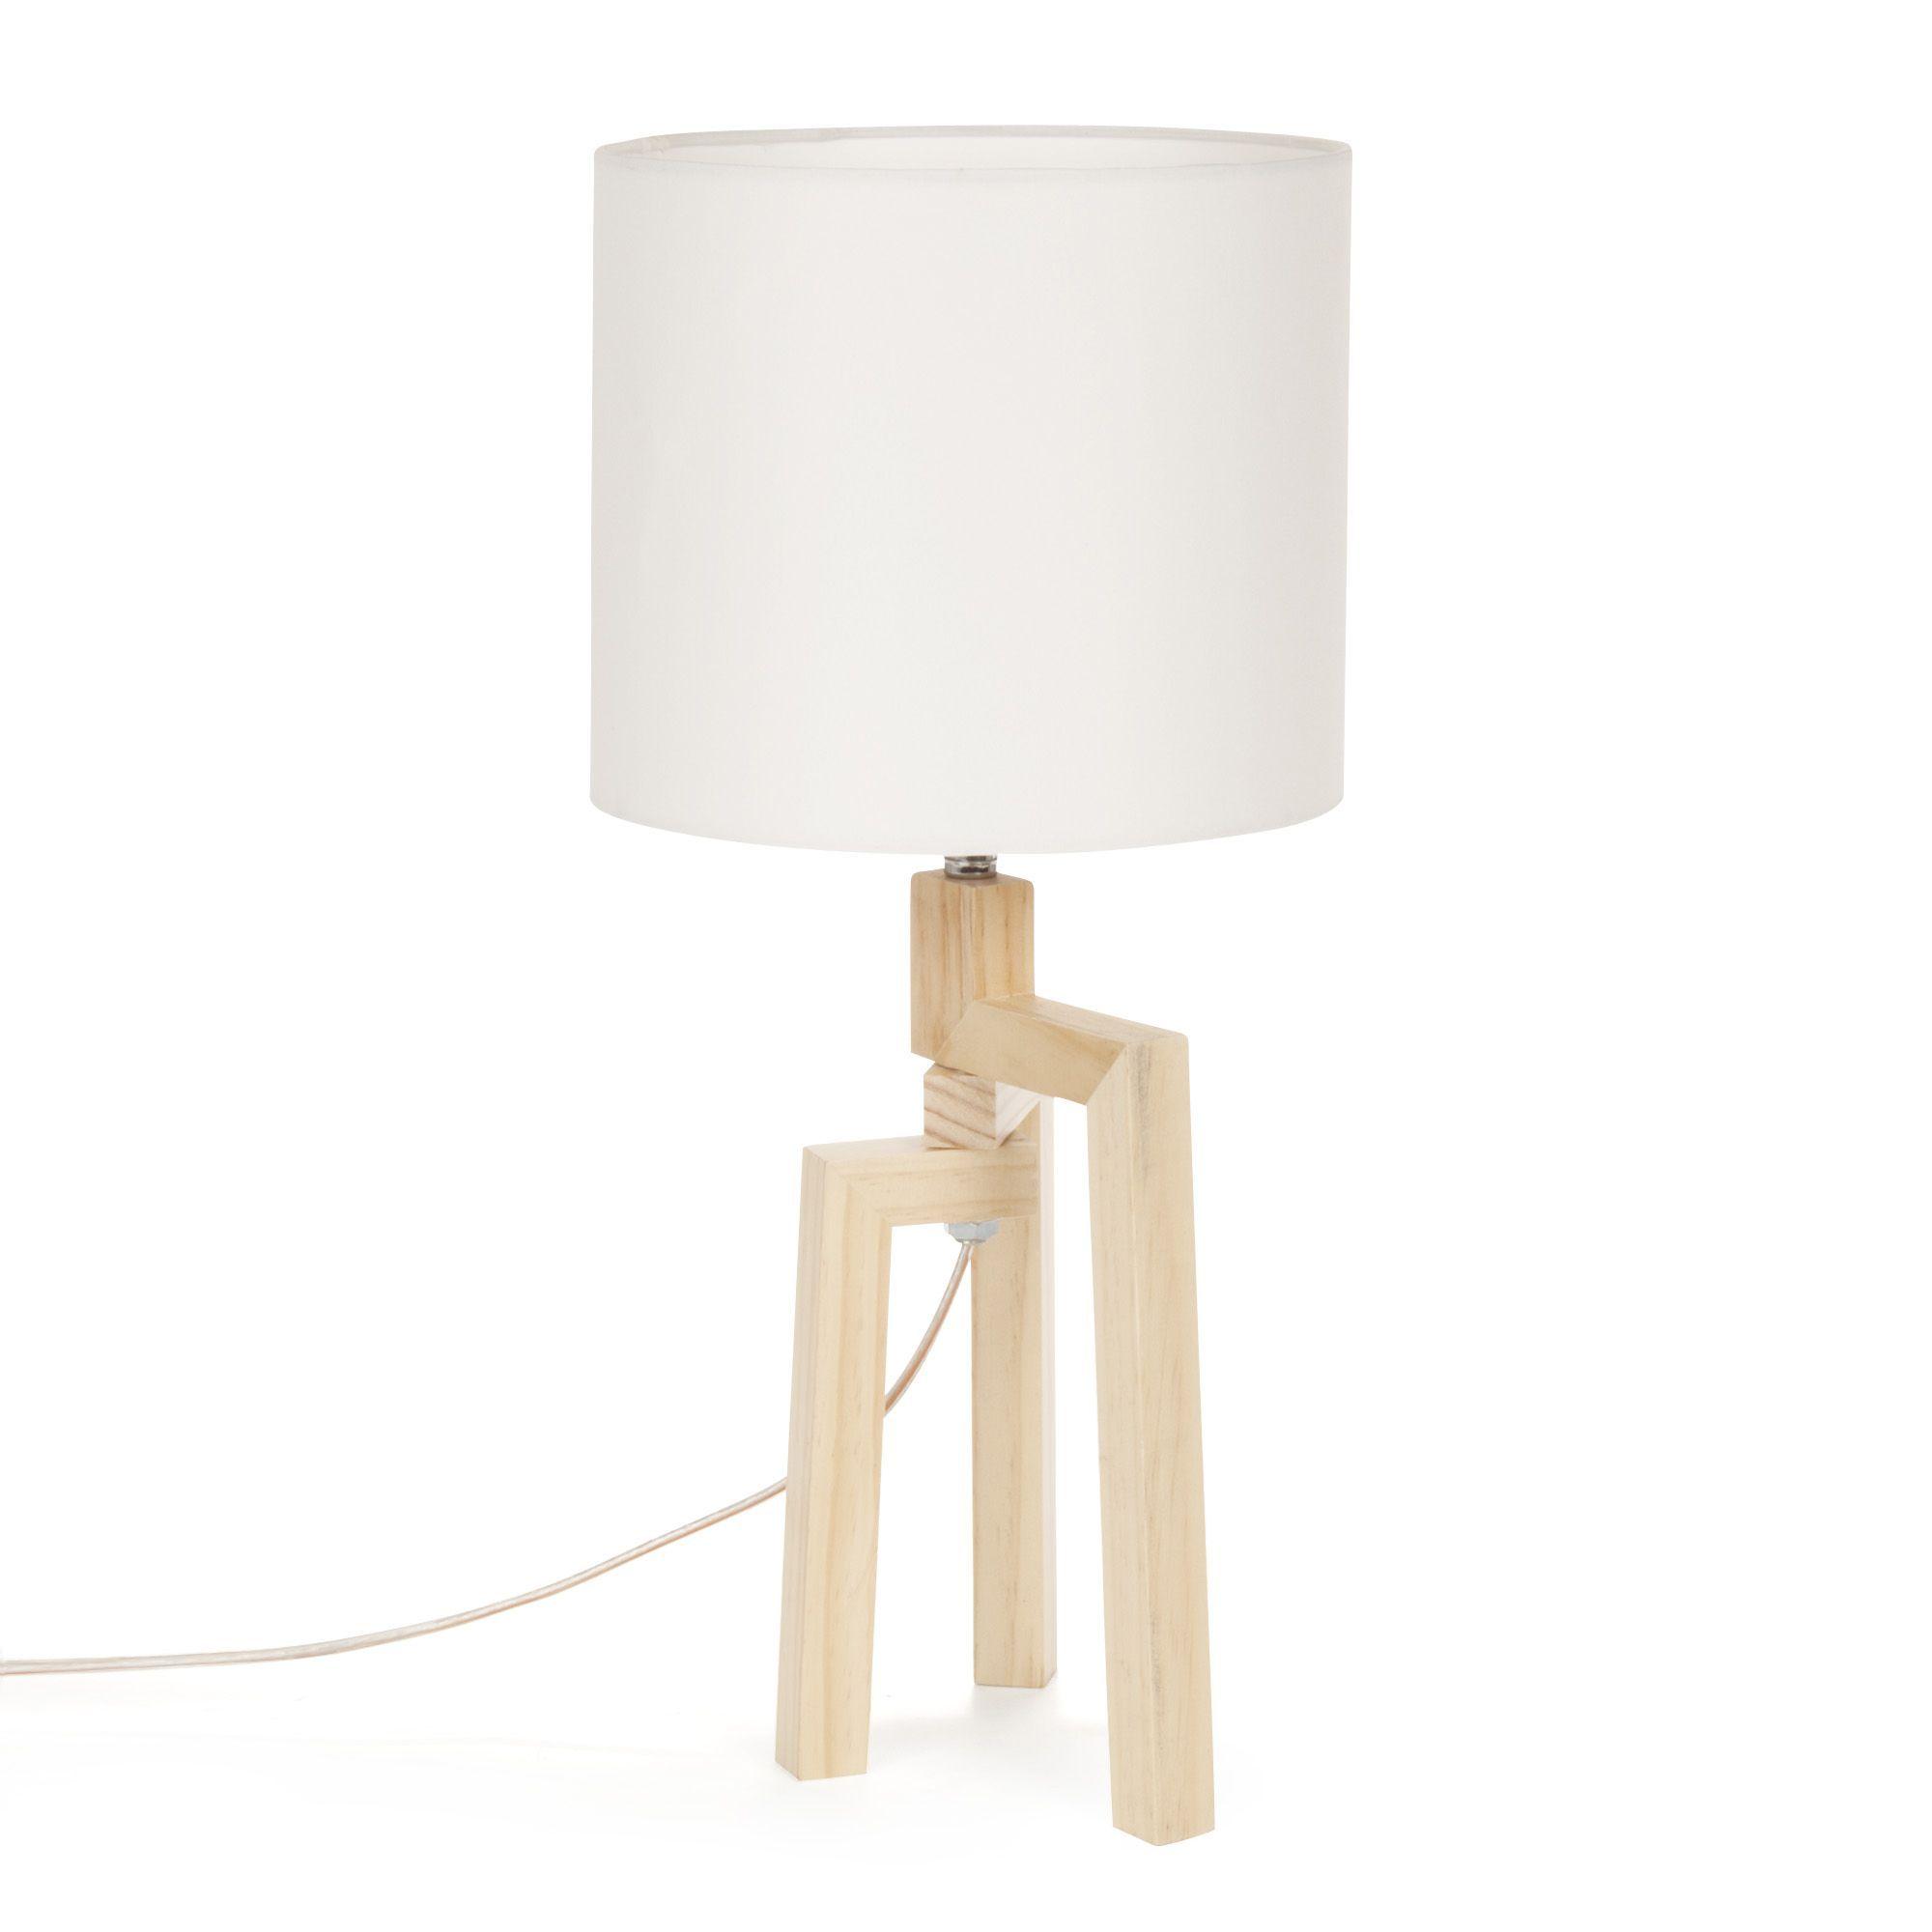 Elegant Lampe Pliable Blanc   Moli   Les Lampes à Poser   Lampes   Luminaires    Décoration